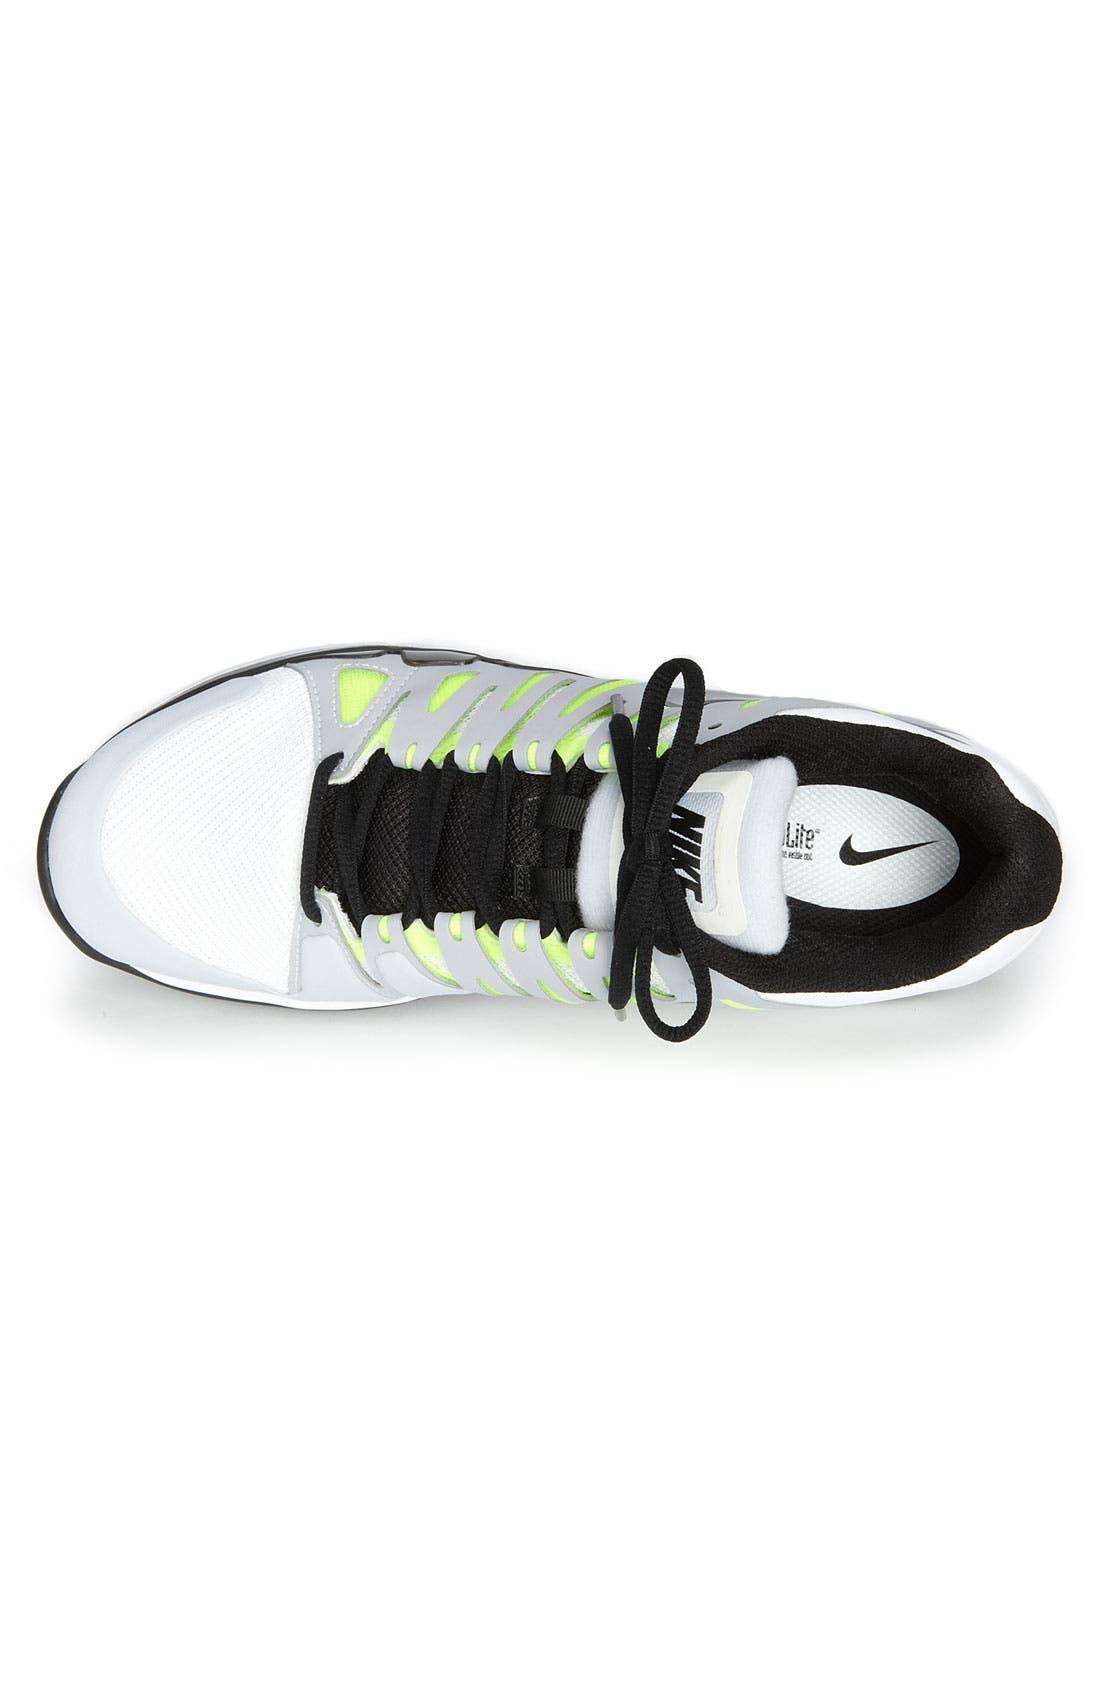 Alternate Image 3  - Nike 'Zoom Vapor 9 Tour' Tennis Shoe (Men)